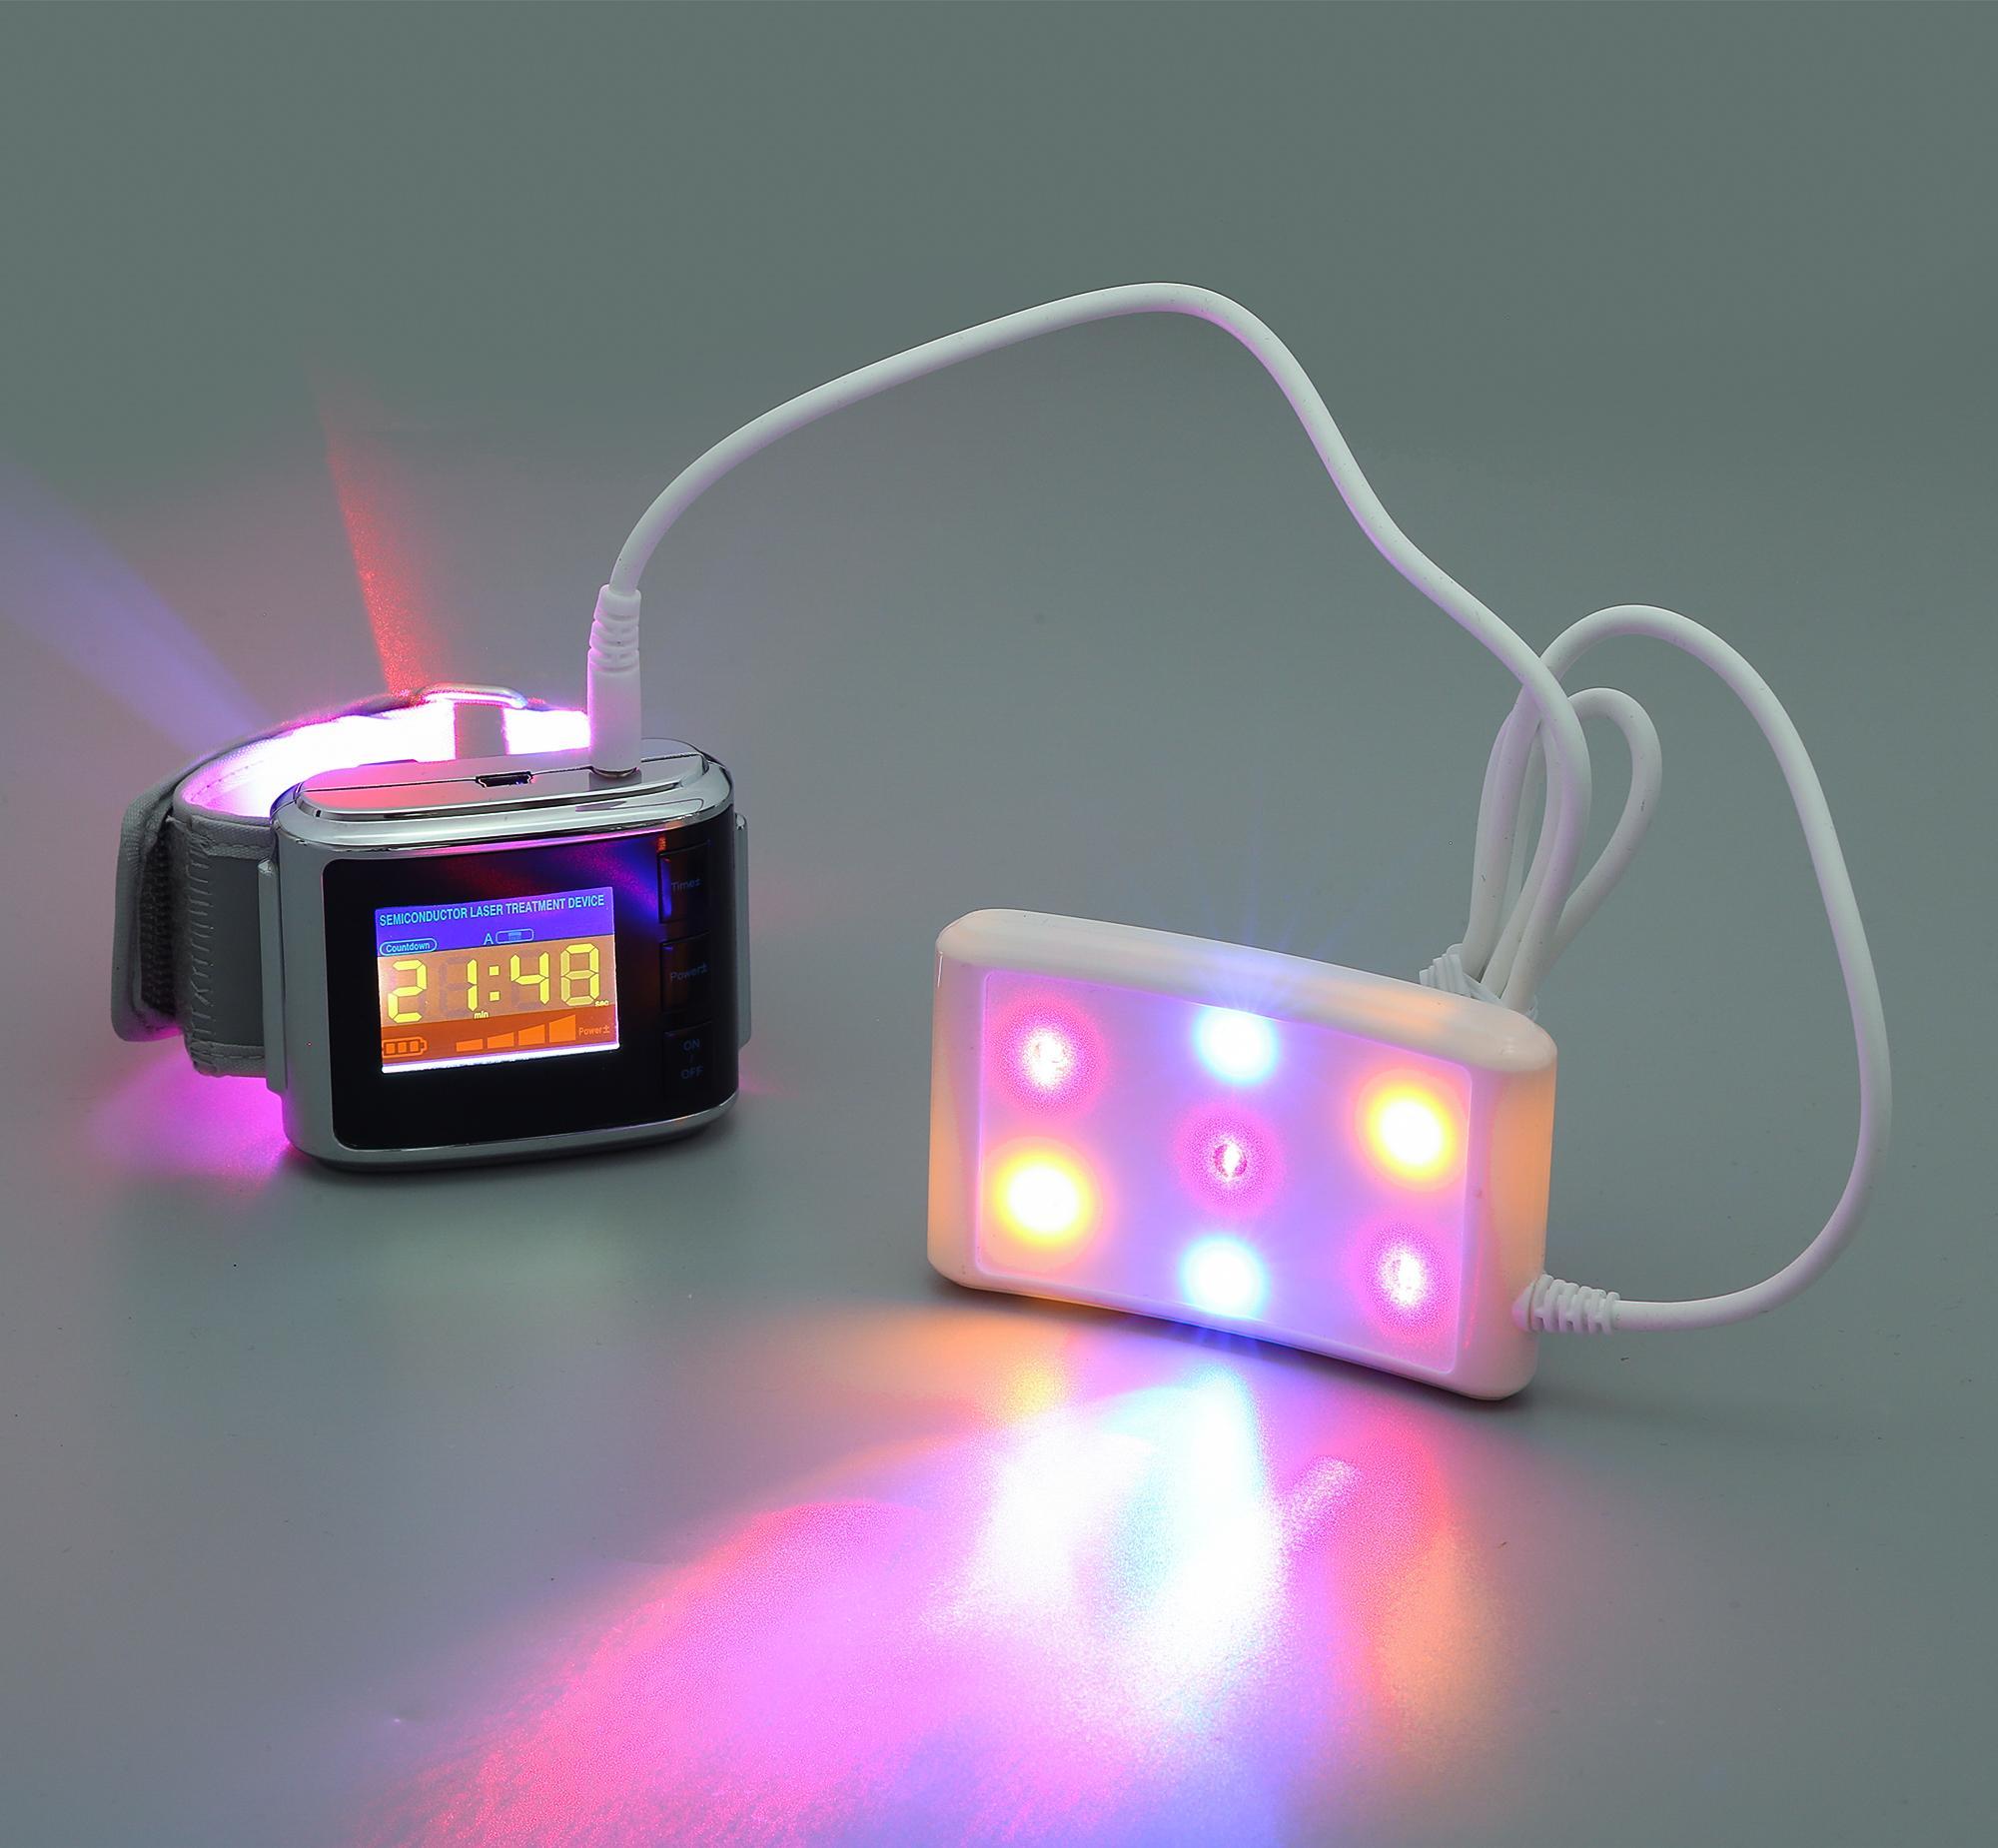 новый лазер часы красный синий желтый 3 цвета терапии часы lllt низкого уровня лазерной терапии устройства гипертонии управления часы